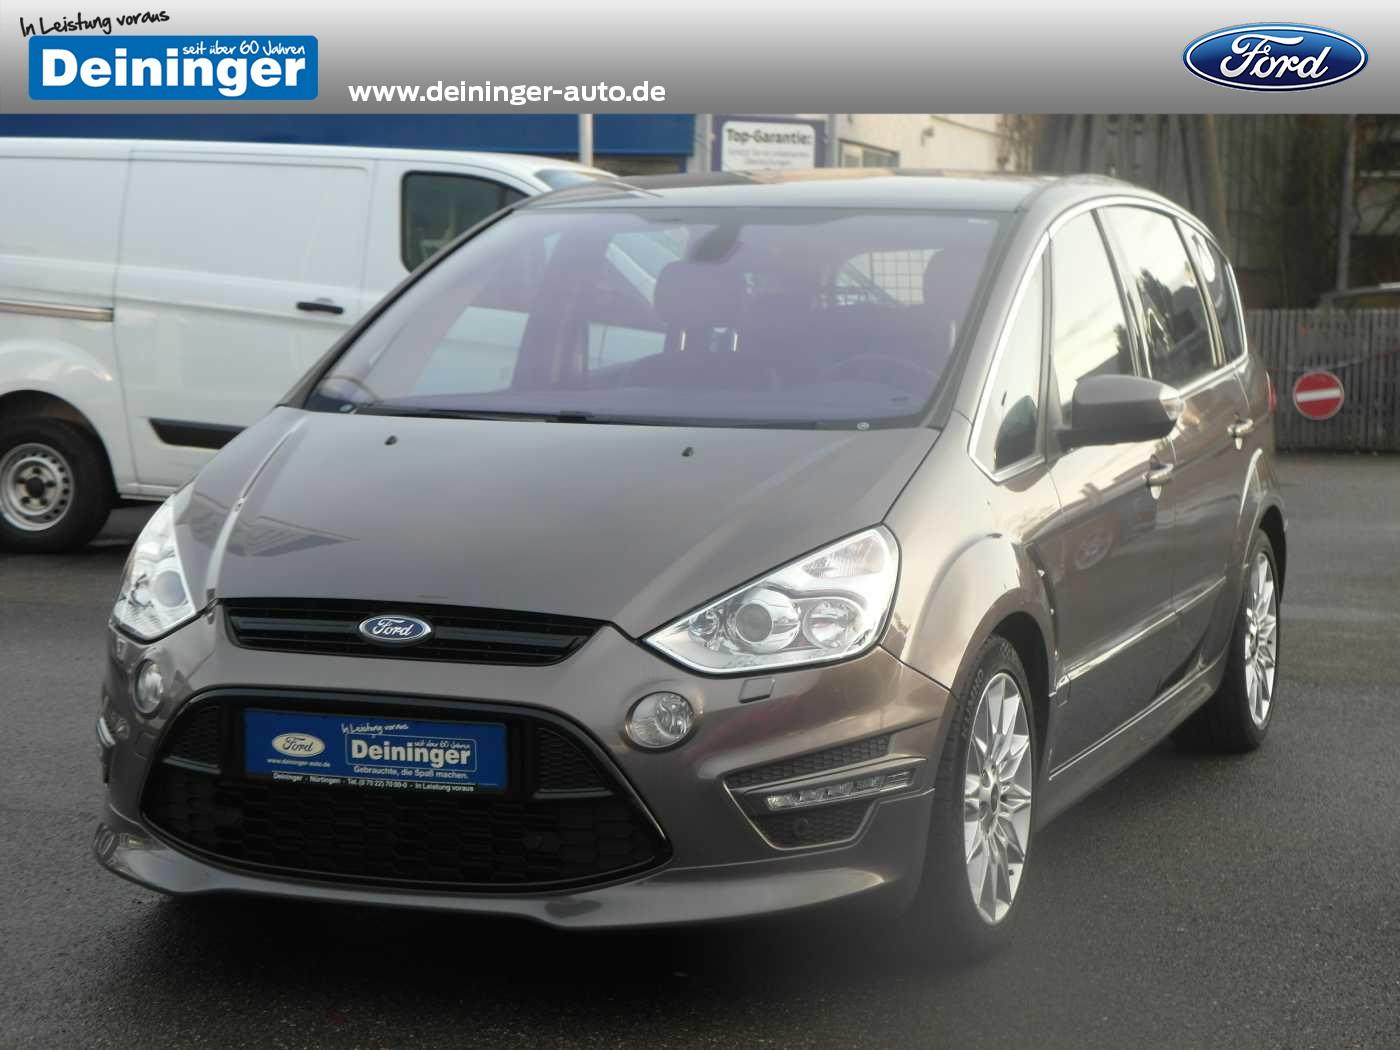 Ford S-Max 2.0 TDCi DPF Aut. Titanium S Navigation Standhzg. Bi-Xenon Winter-Paket Euro5, Jahr 2013, diesel